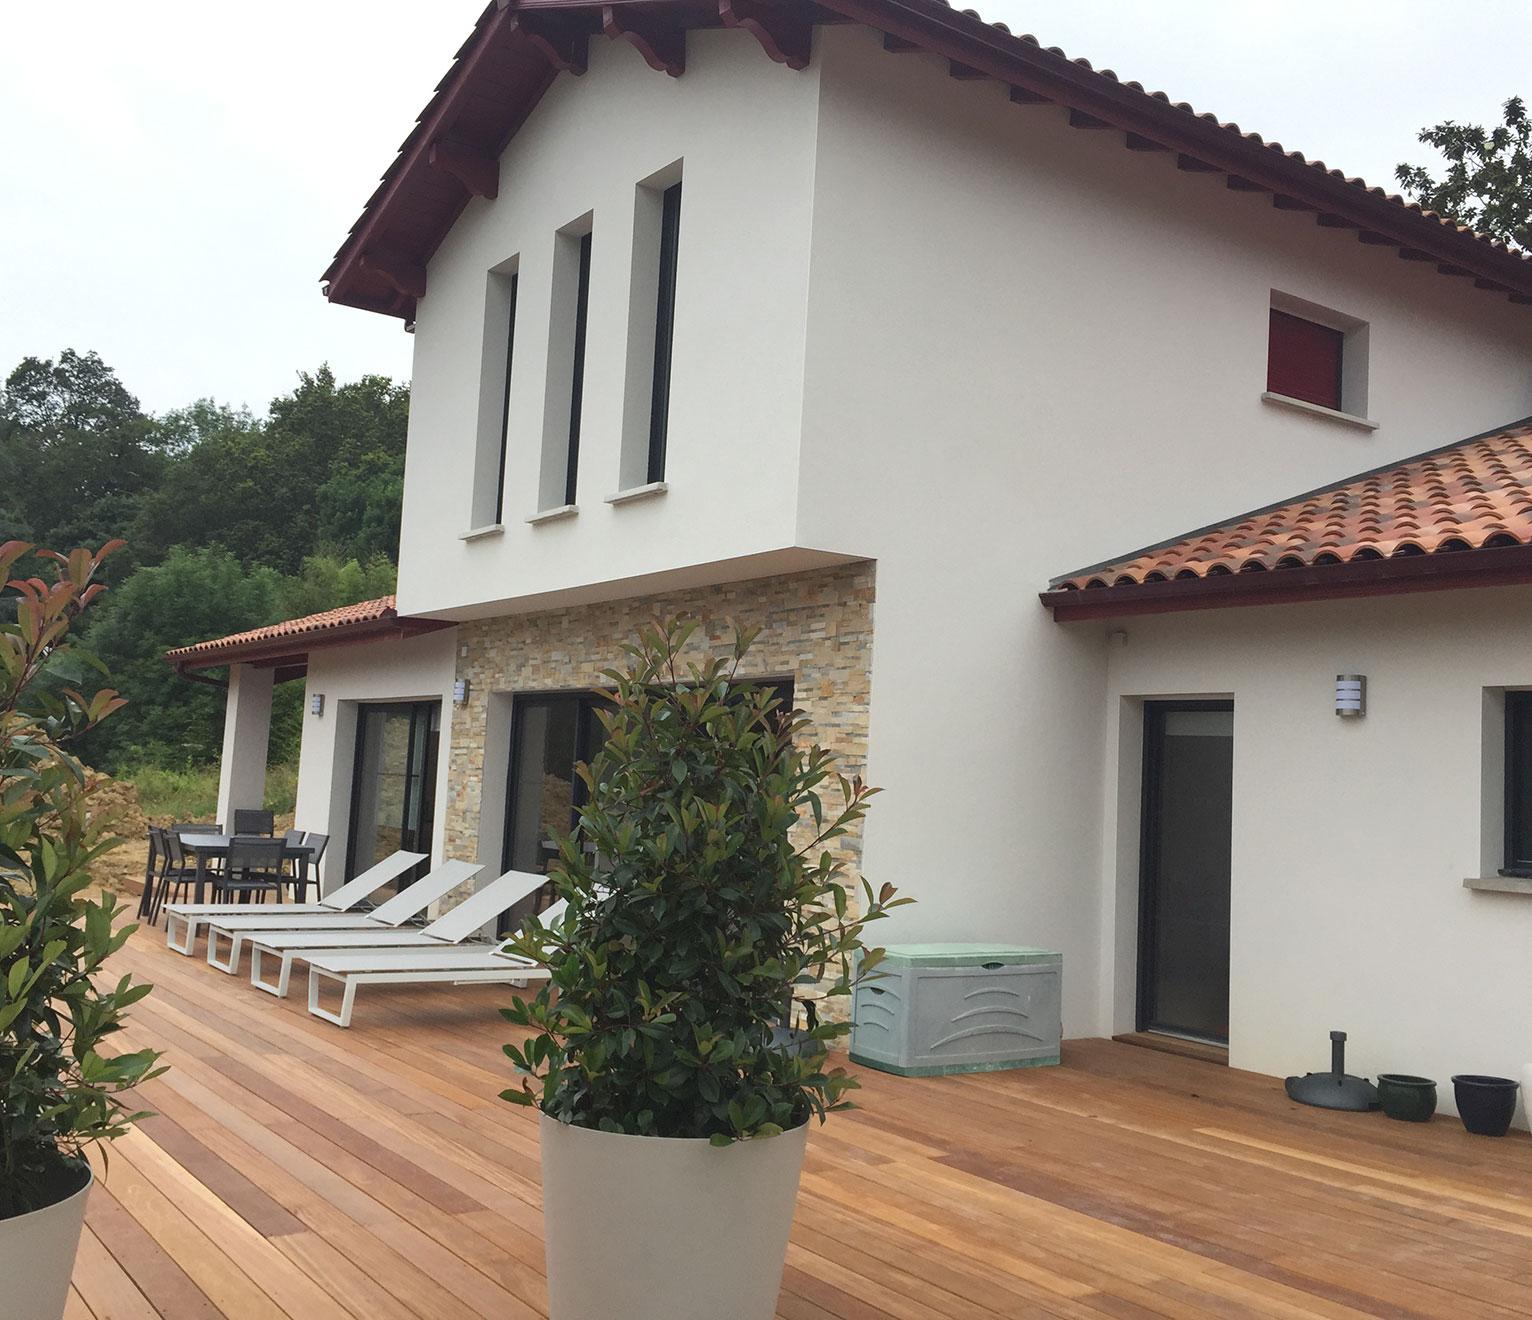 la maison contemporaine basque signée Maison Aquitaine